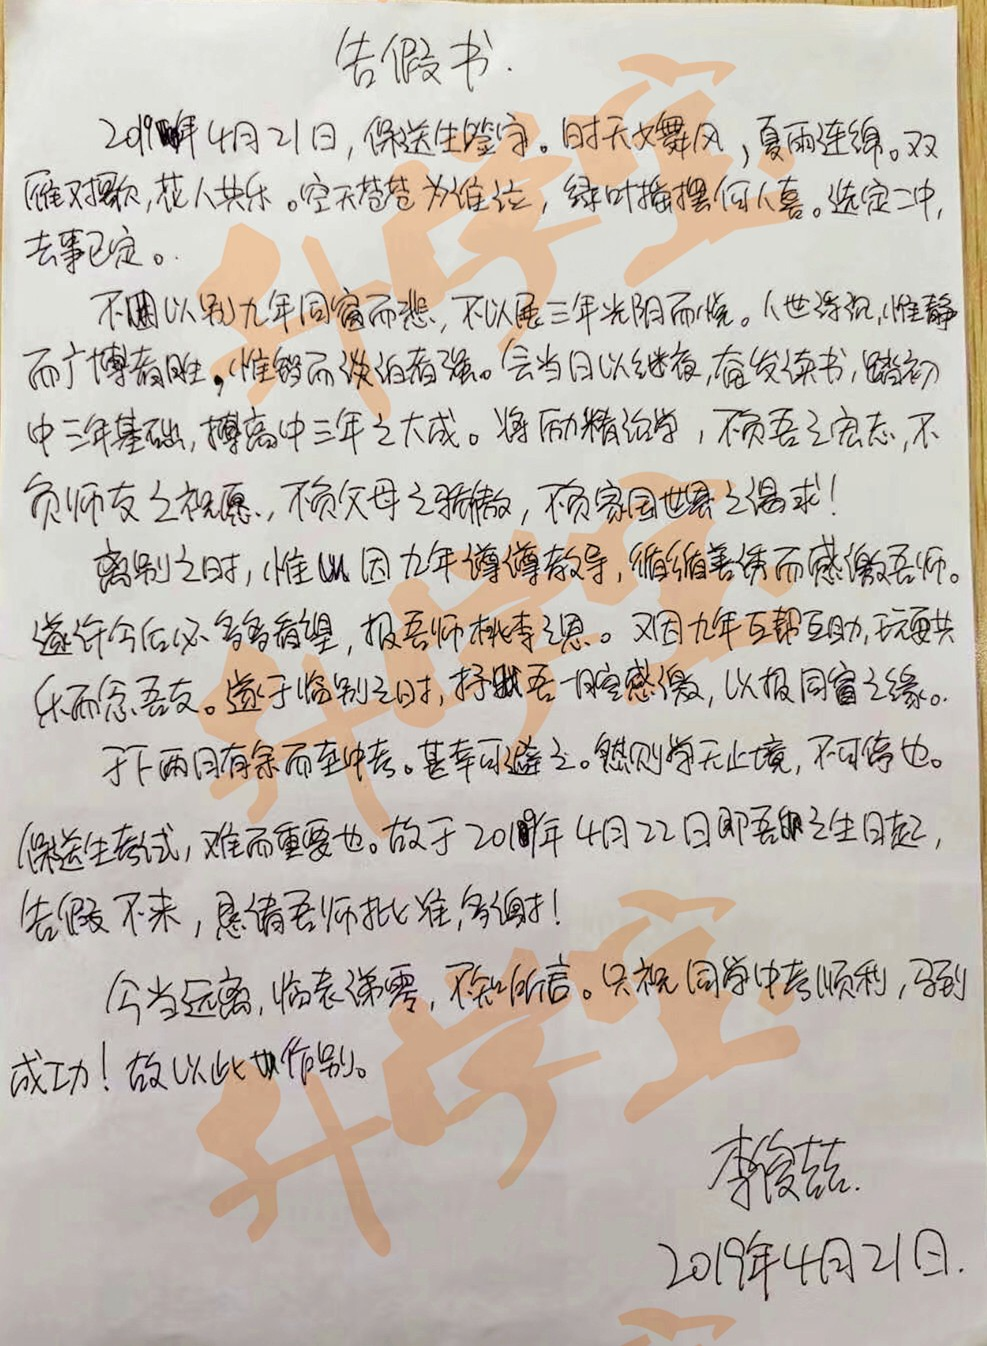 初三男生写的这张请假条火了!语文老师集体传阅